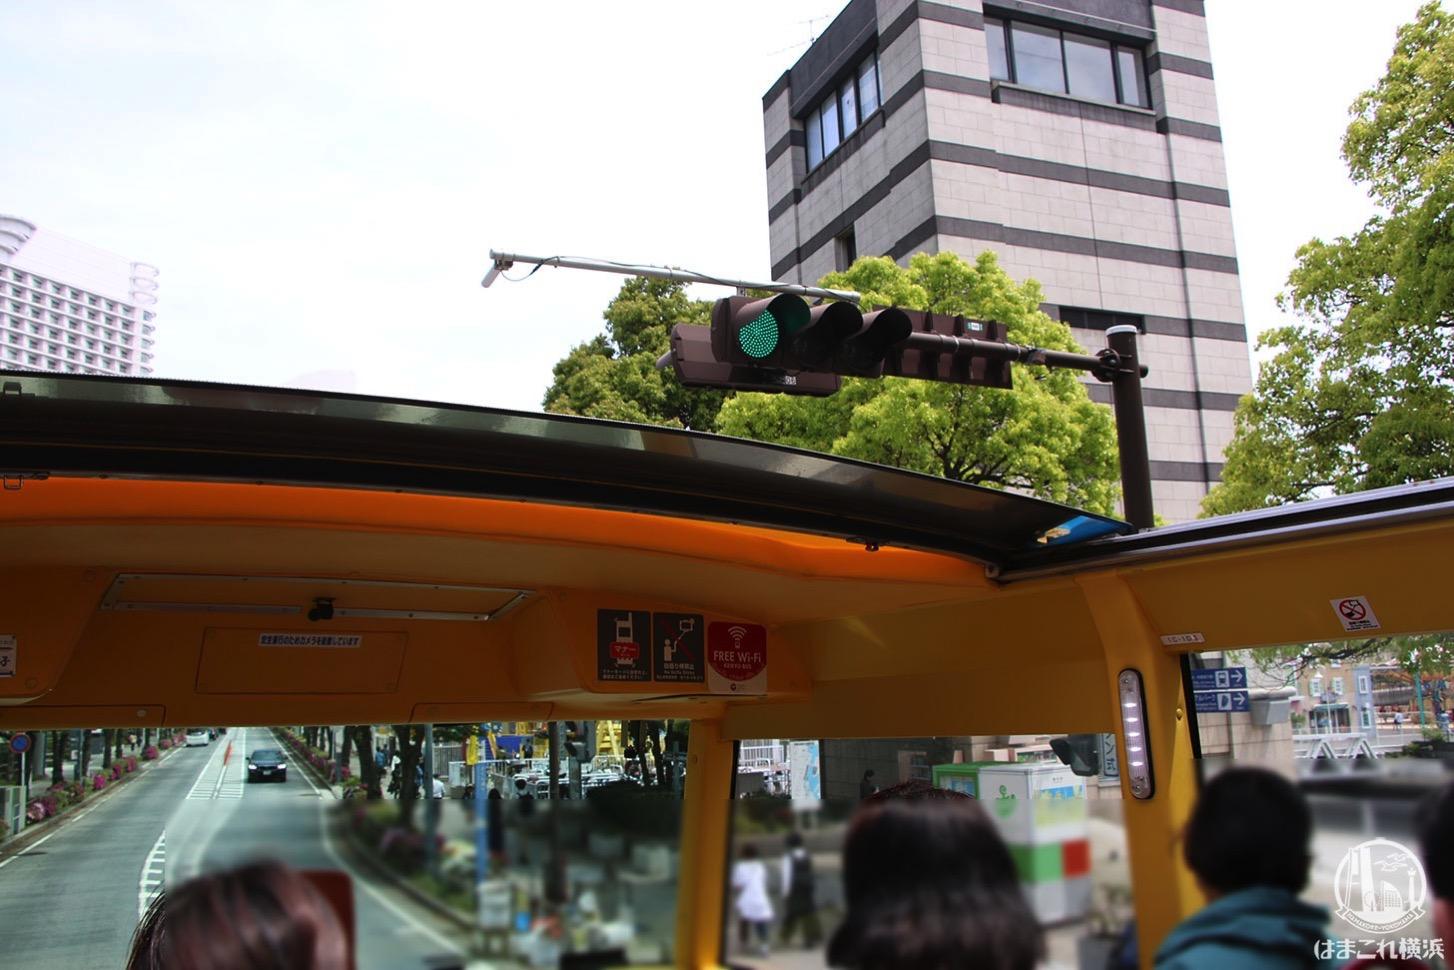 オープントップバスから見た信号